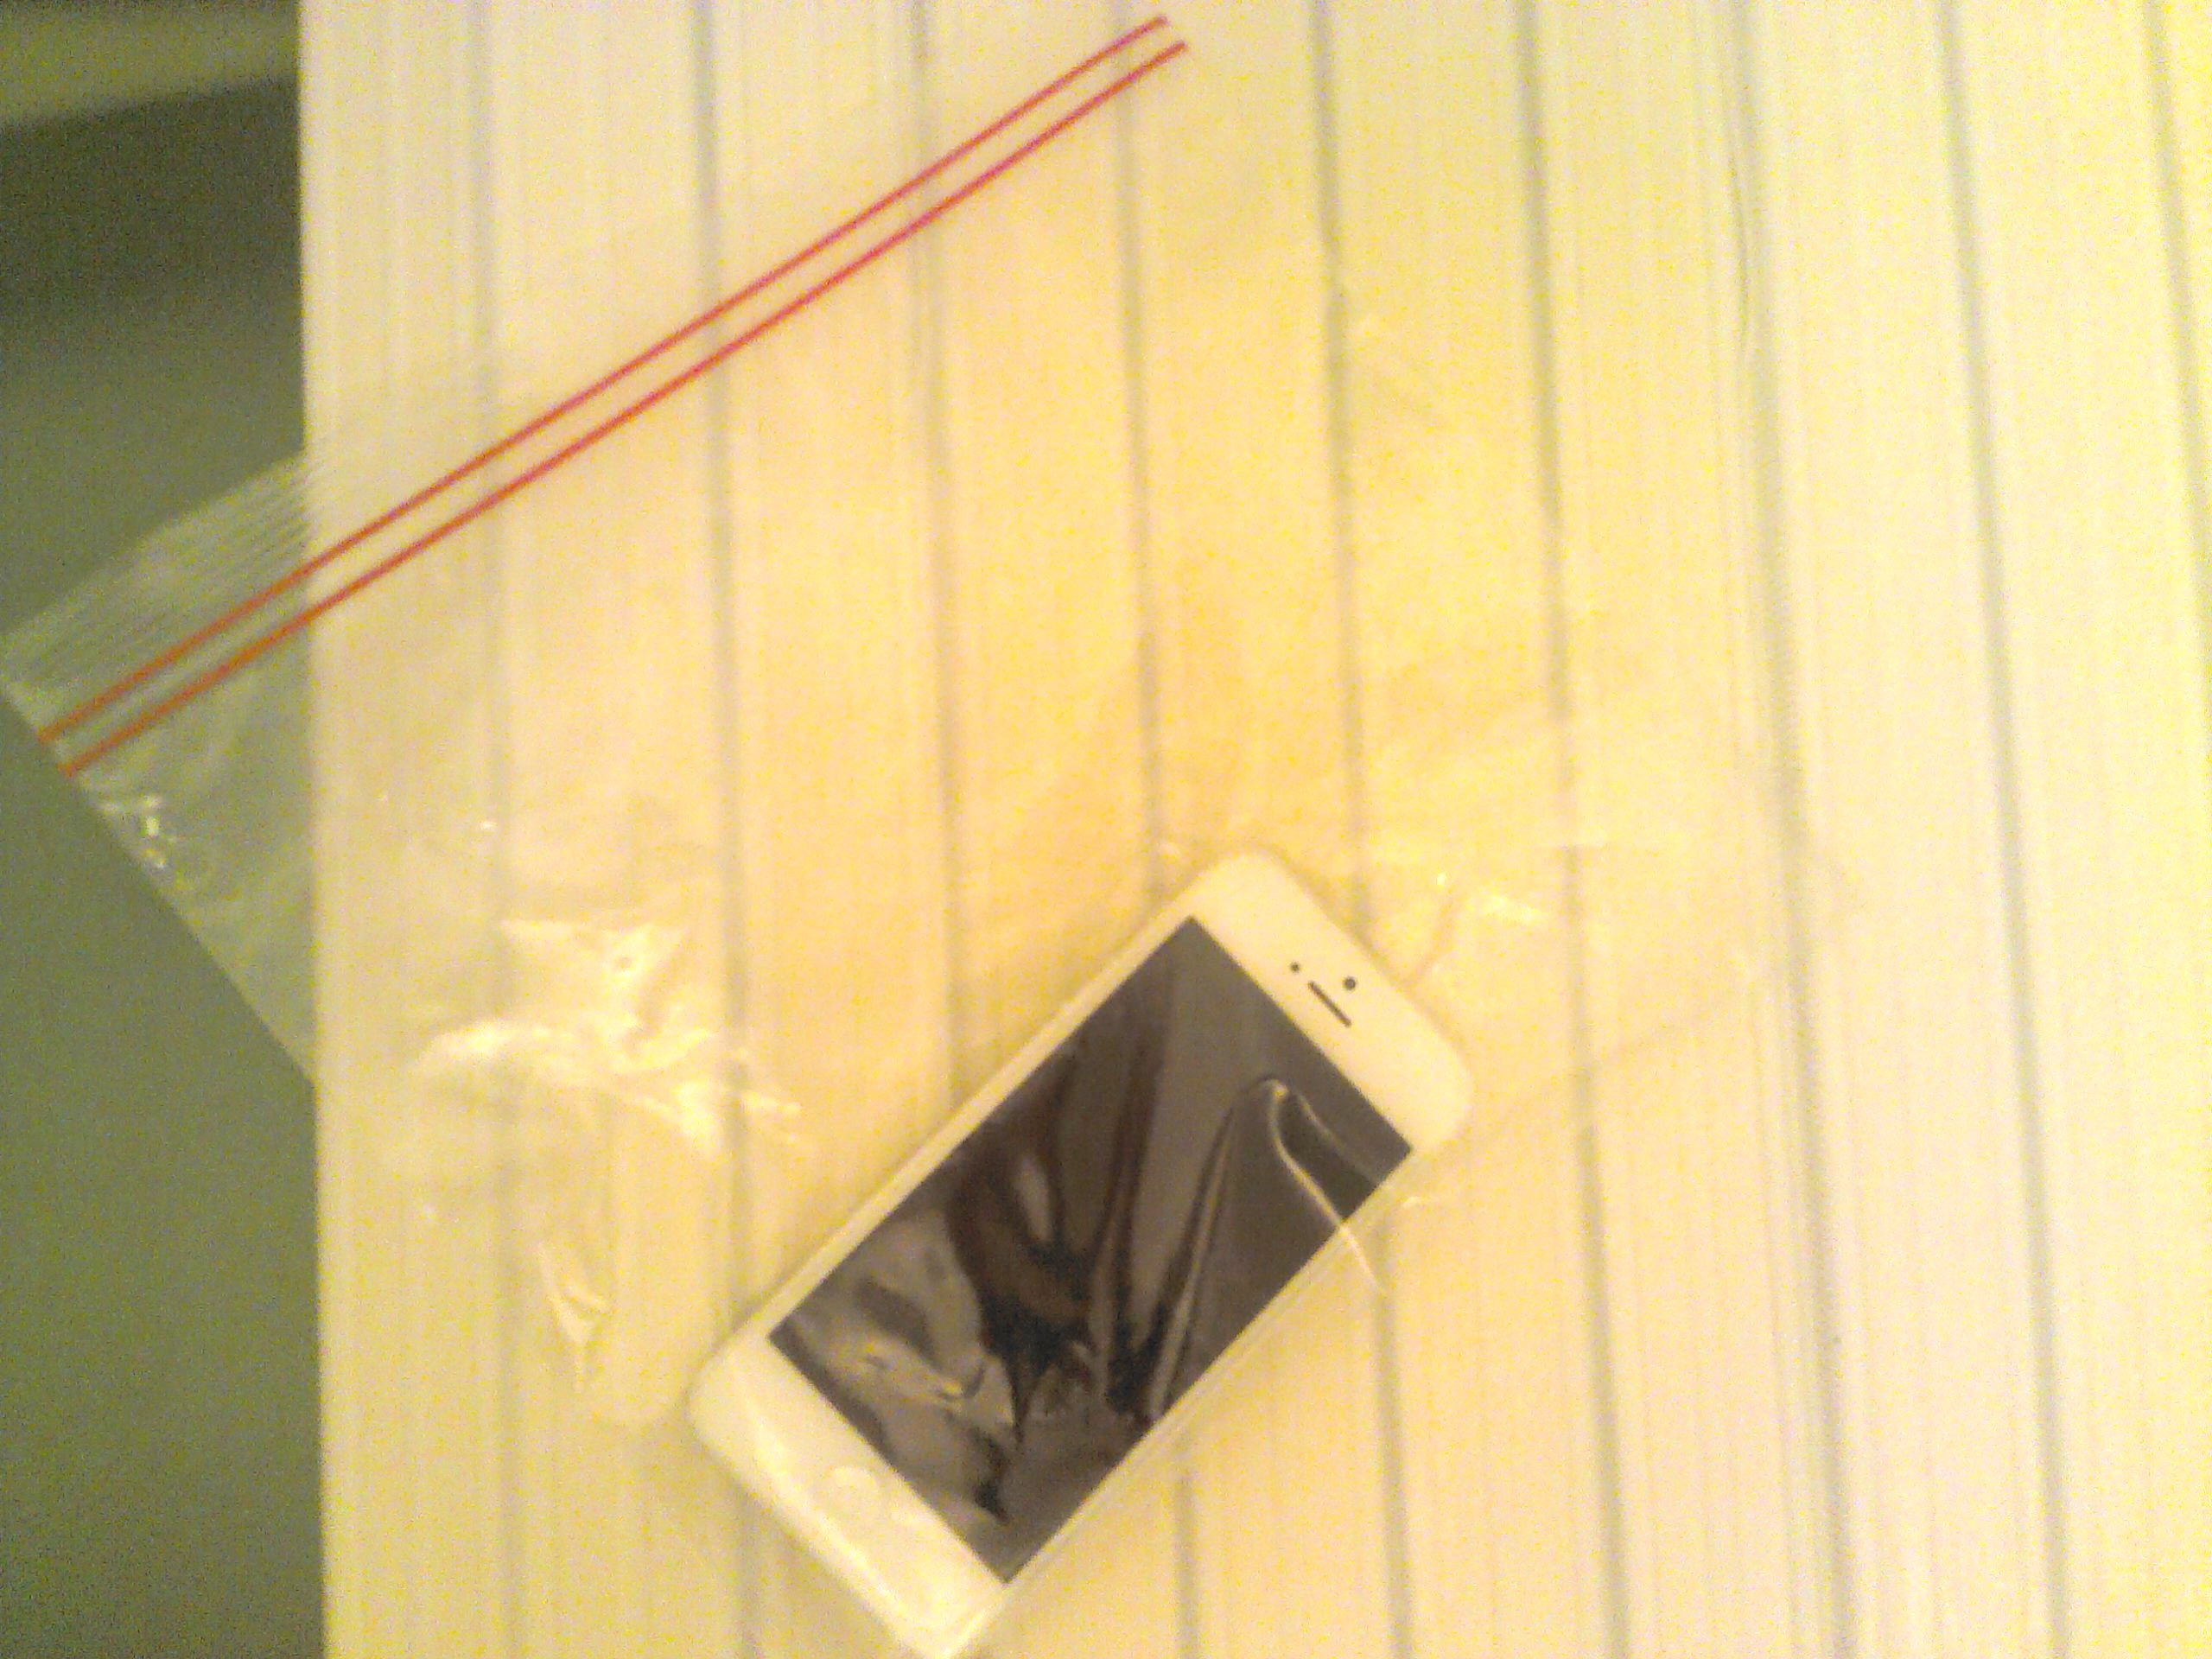 お風呂でiPhoneを使ったマインドセット笑 / ネットビジネスバイブル